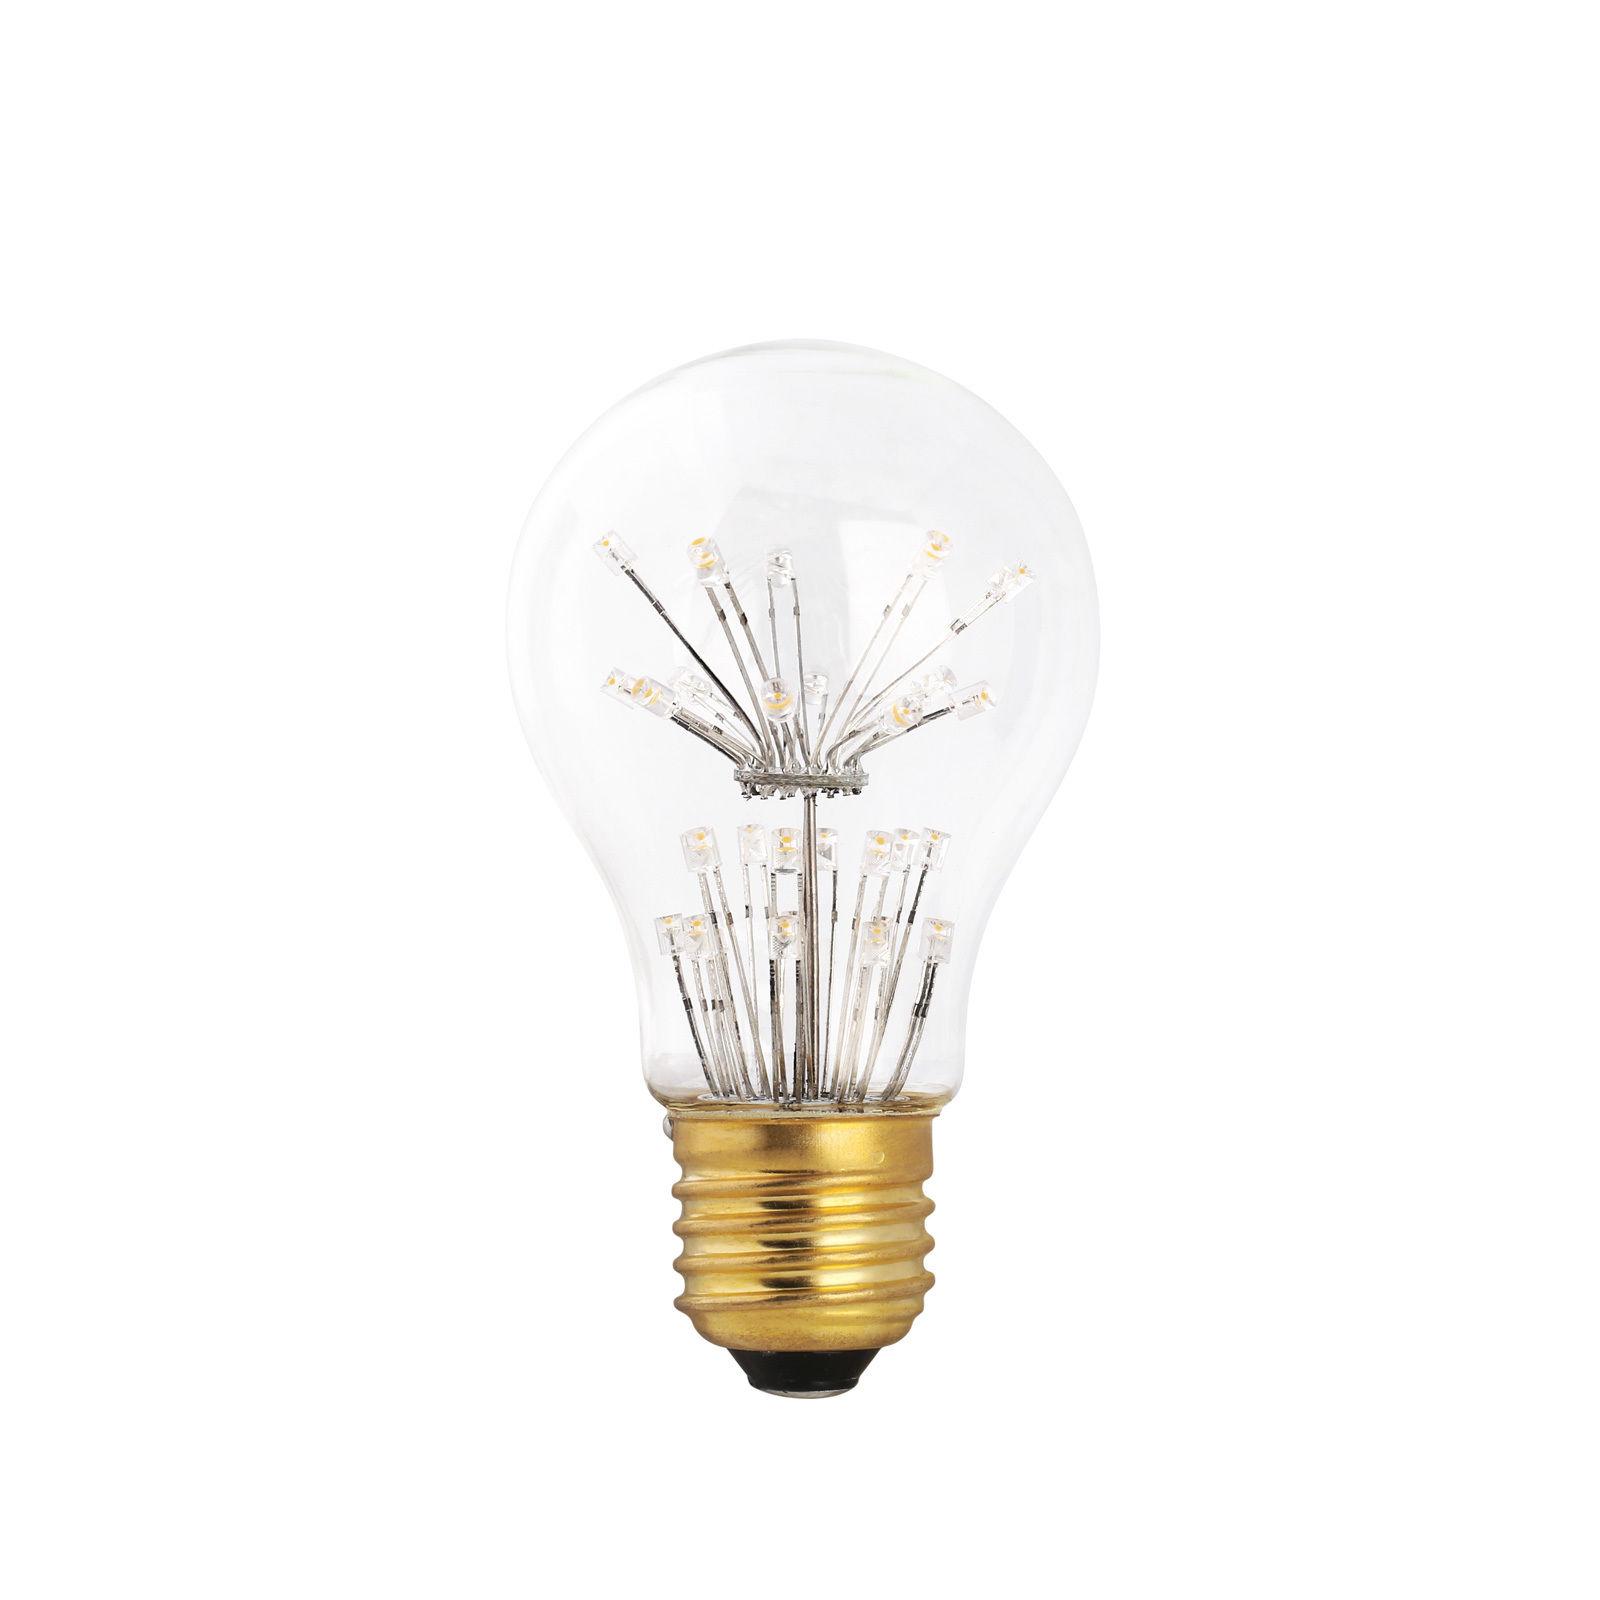 Led Filament Ampoule E27 Edison Retro Vintage Lampes 3w 4w